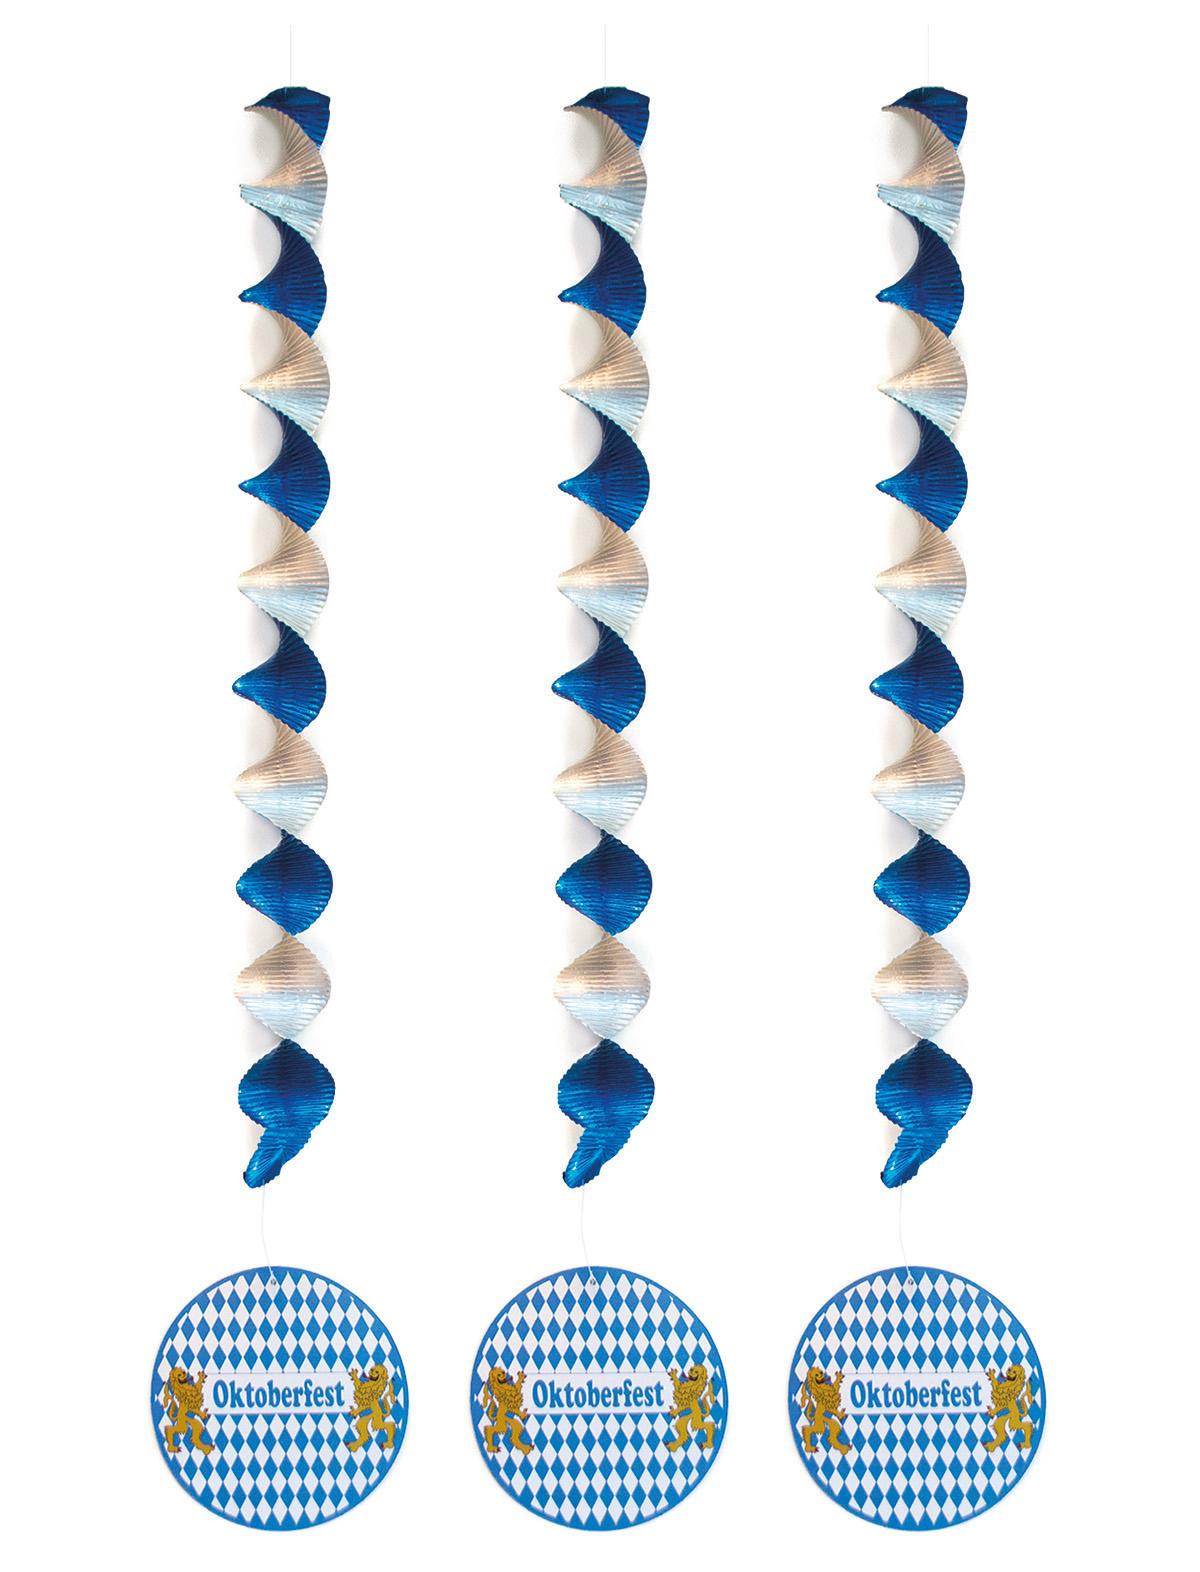 Deko-Rotor-Spiralen Oktoberfest - 3er Set